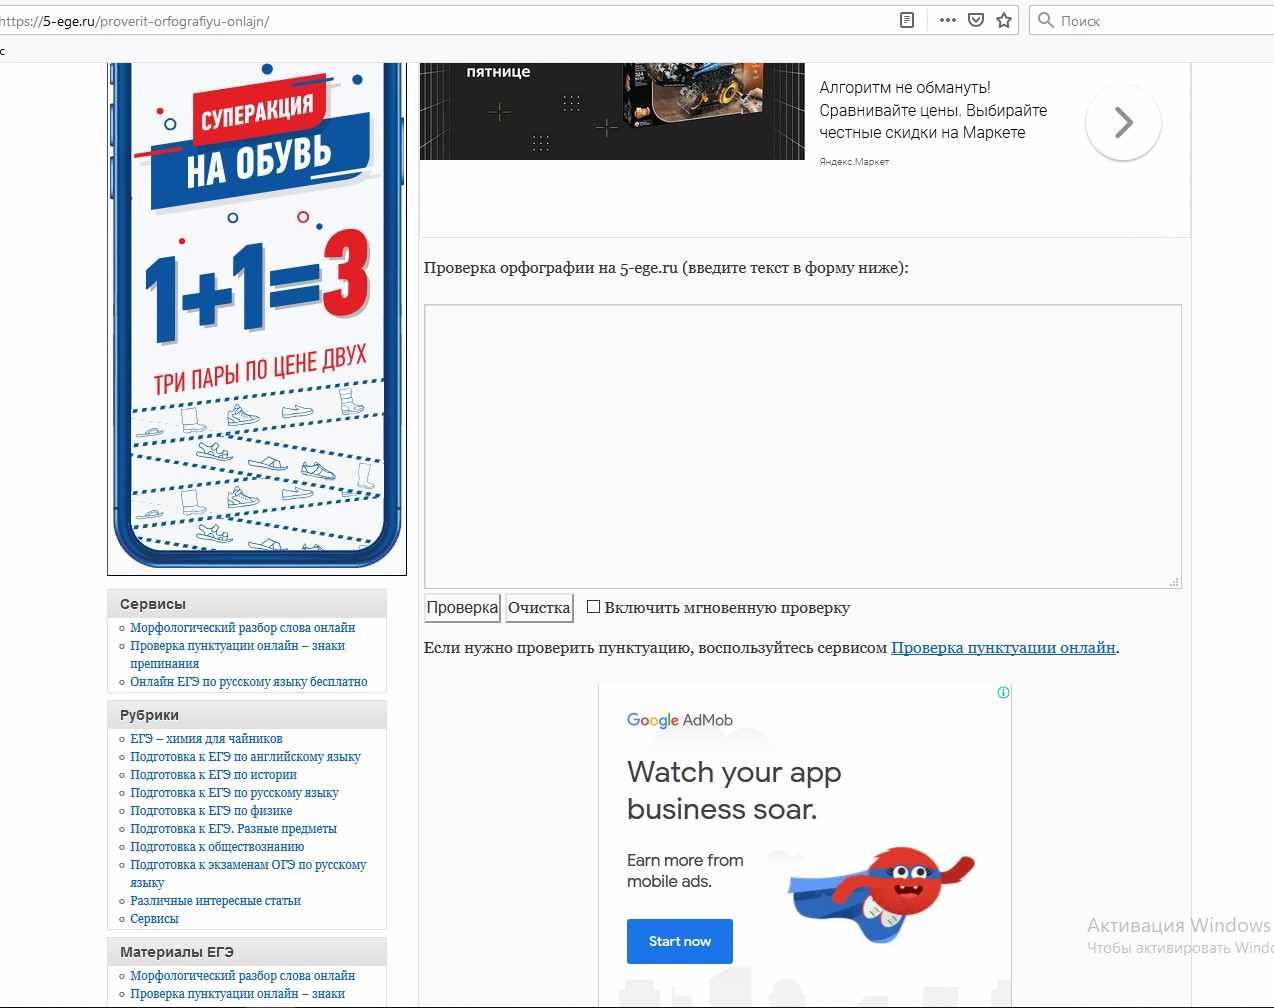 5-ege.ru